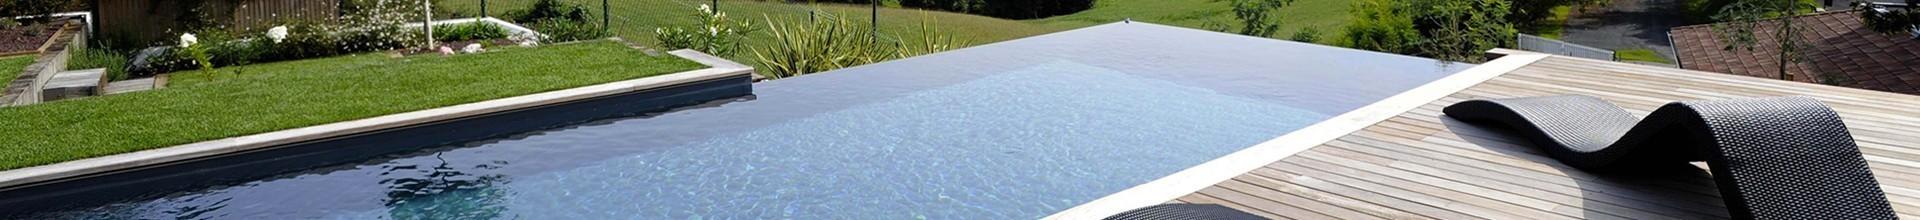 Centre Fabricant d'une piscine révolutionnaire et innovante